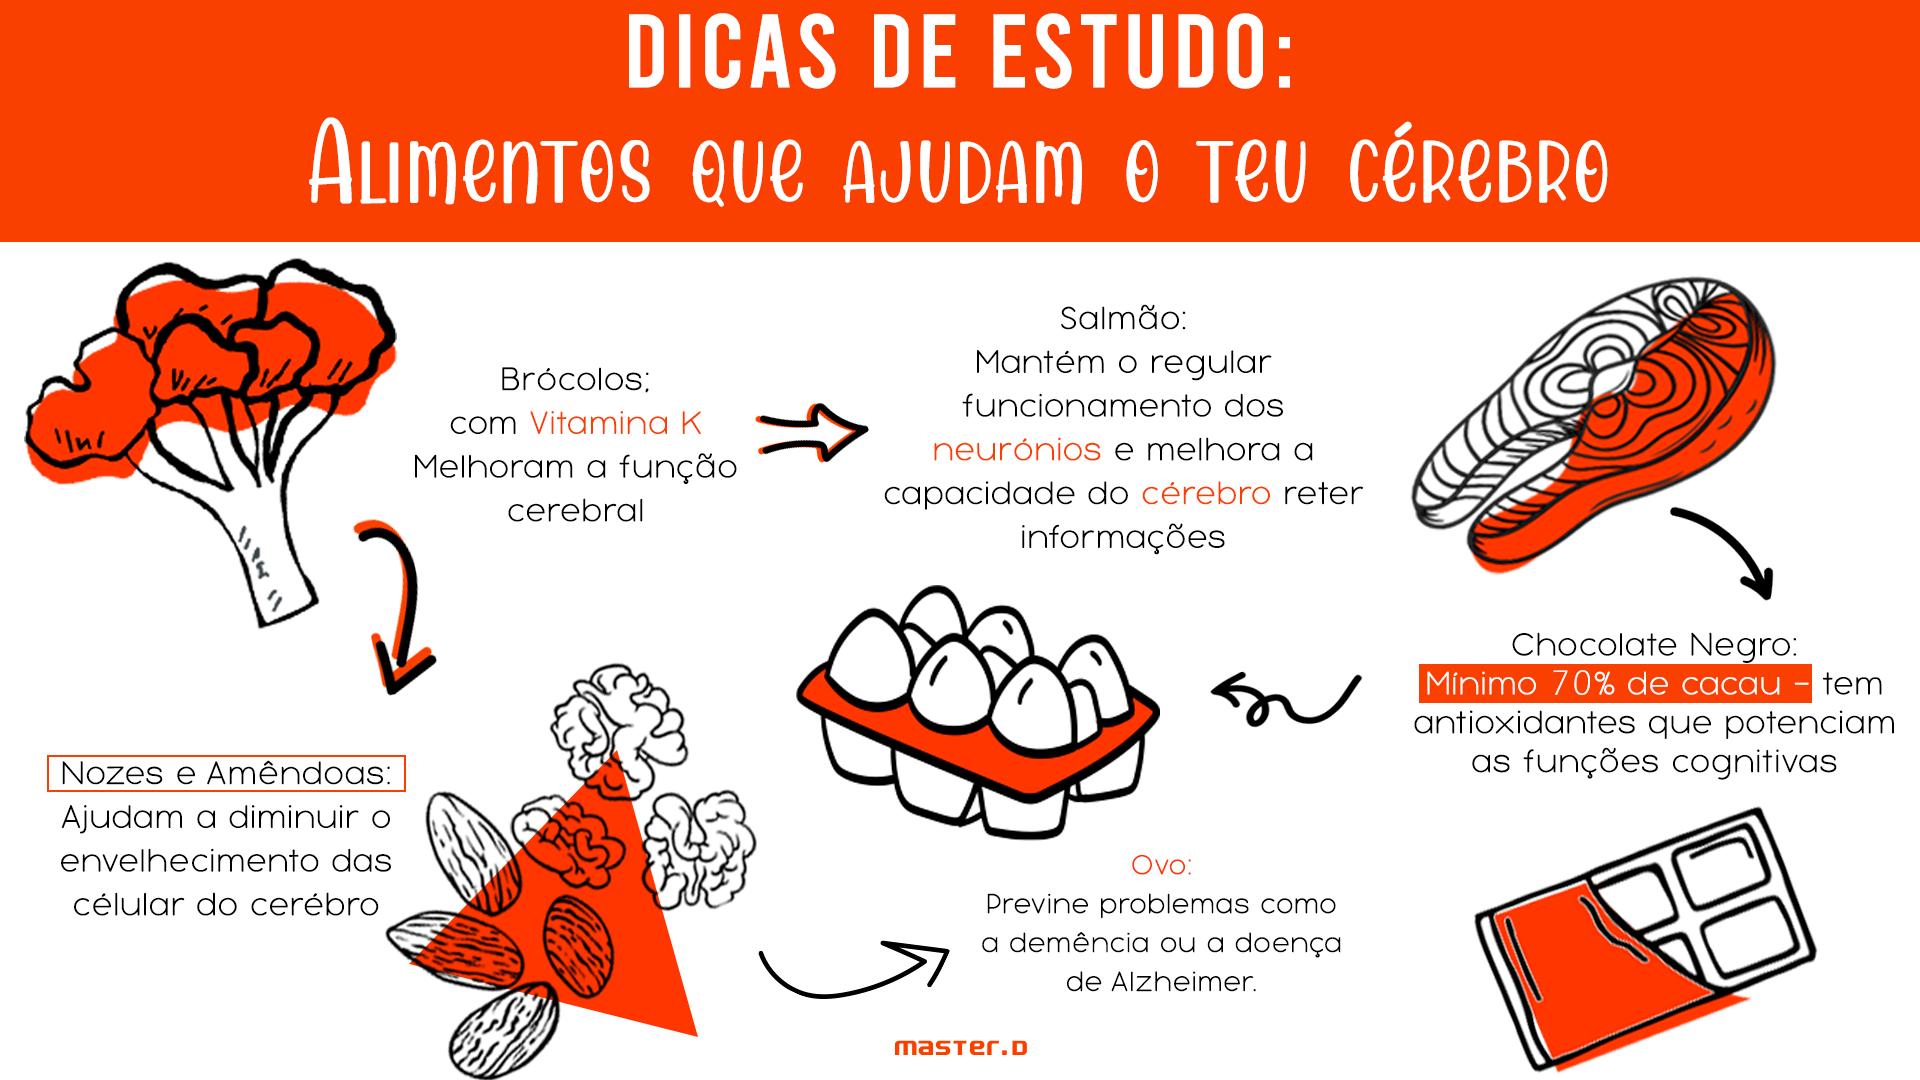 Dicas de estudo: alimentos que ajudam a potenciar o estudo